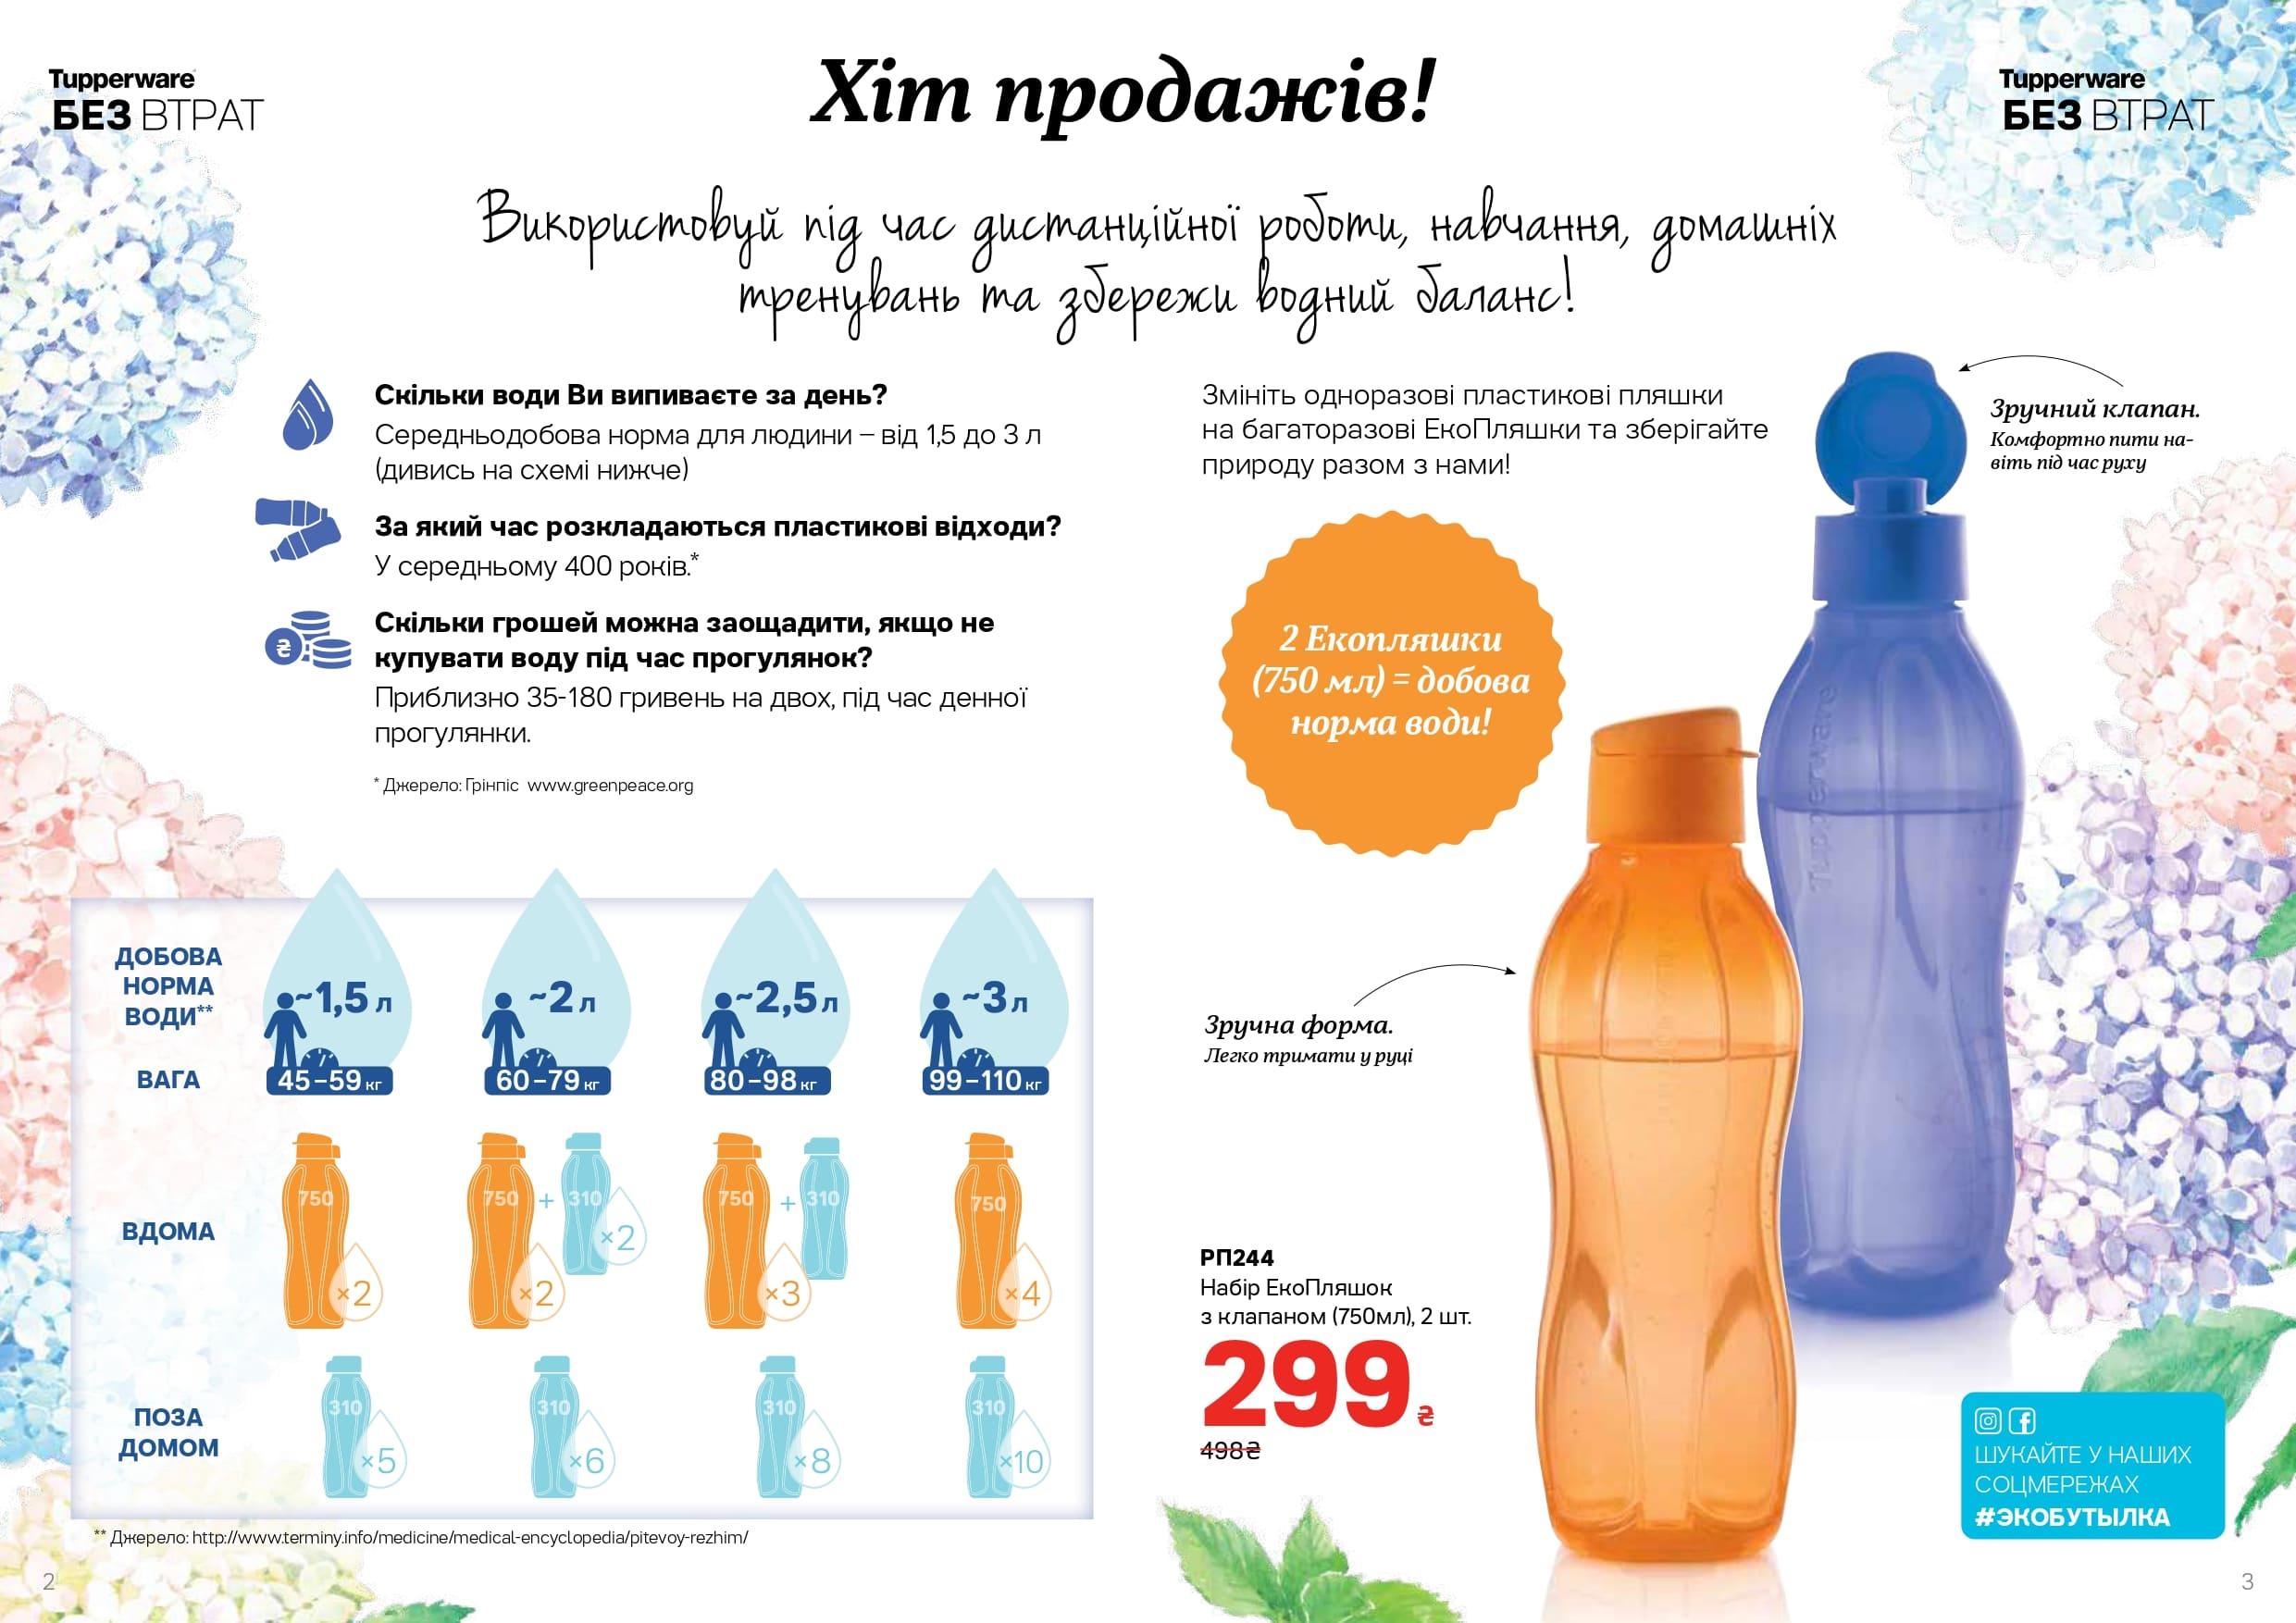 Две эко-бутылки по 750 мл ровно, дневная норма воды.